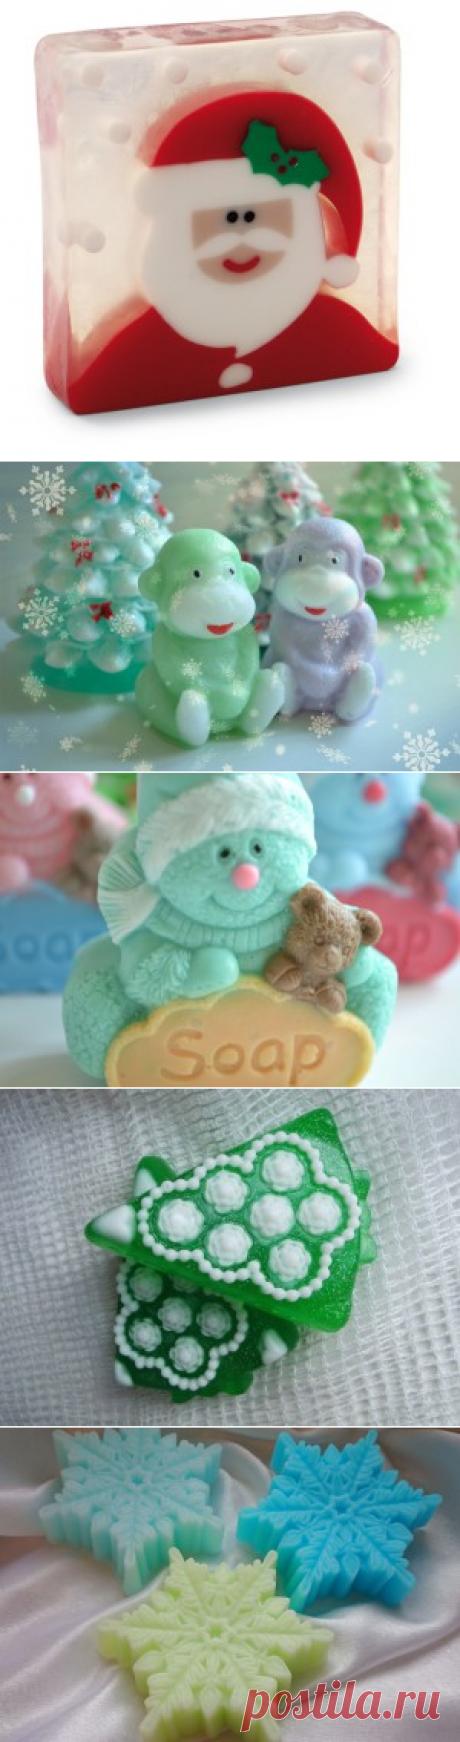 Новогоднее мыло: идеи - Женское хобби